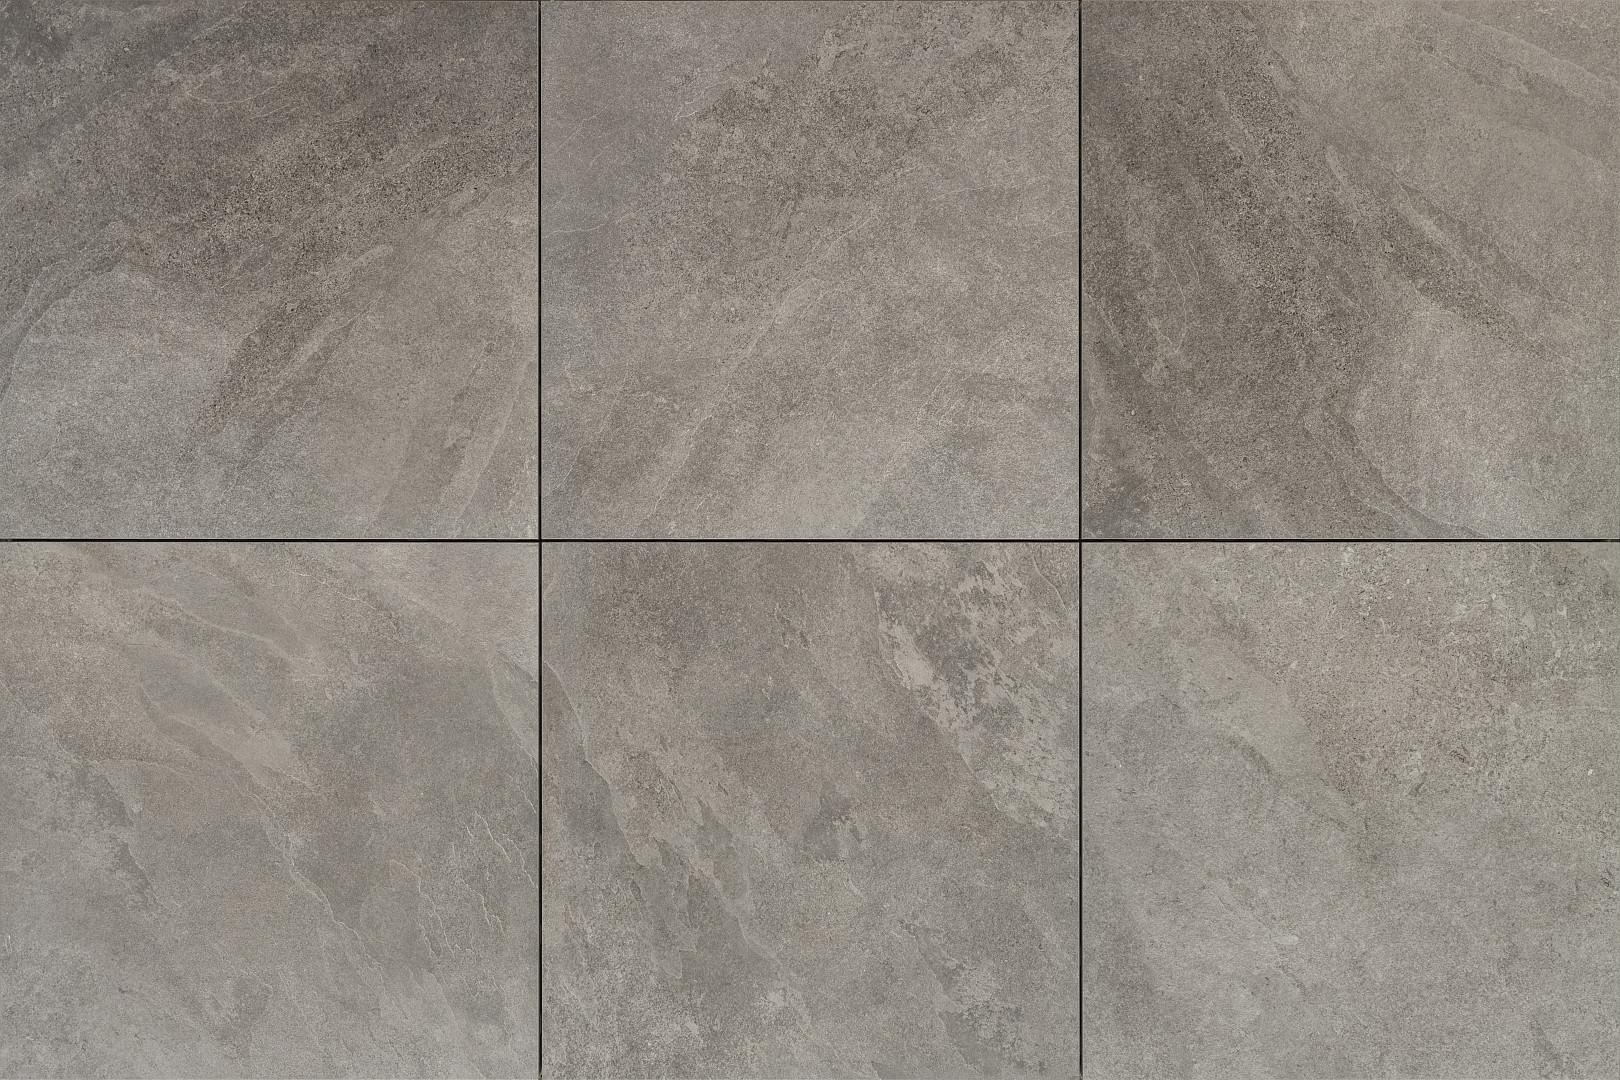 CERASUN Siena Nebbia 60x60x4